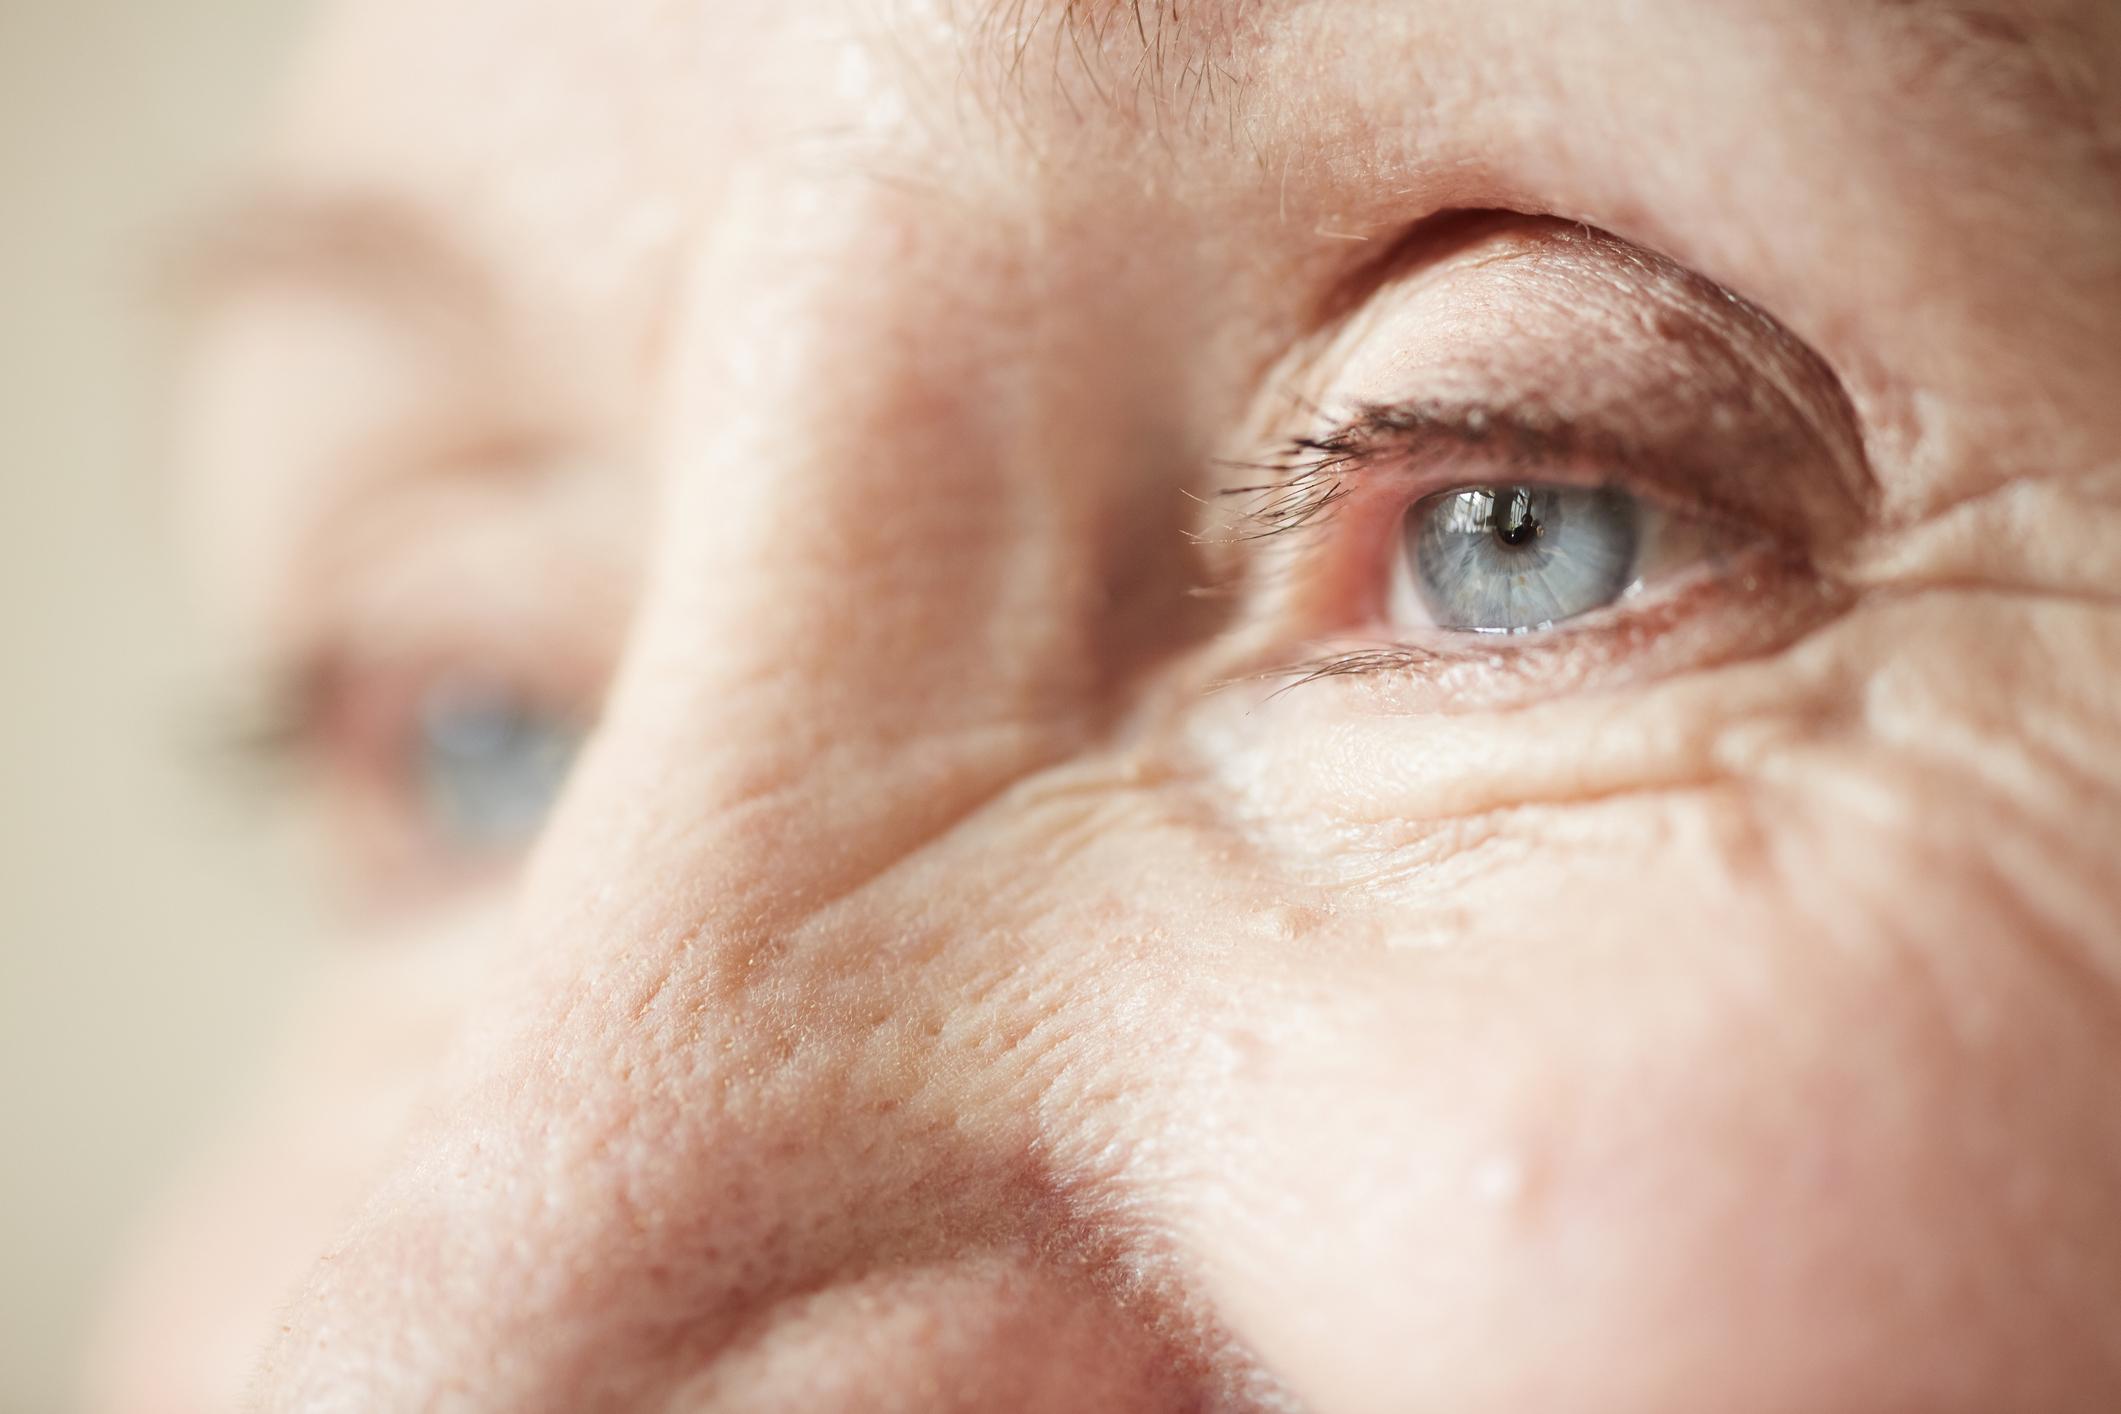 látásélesség a járművezetők számára proginova és látás